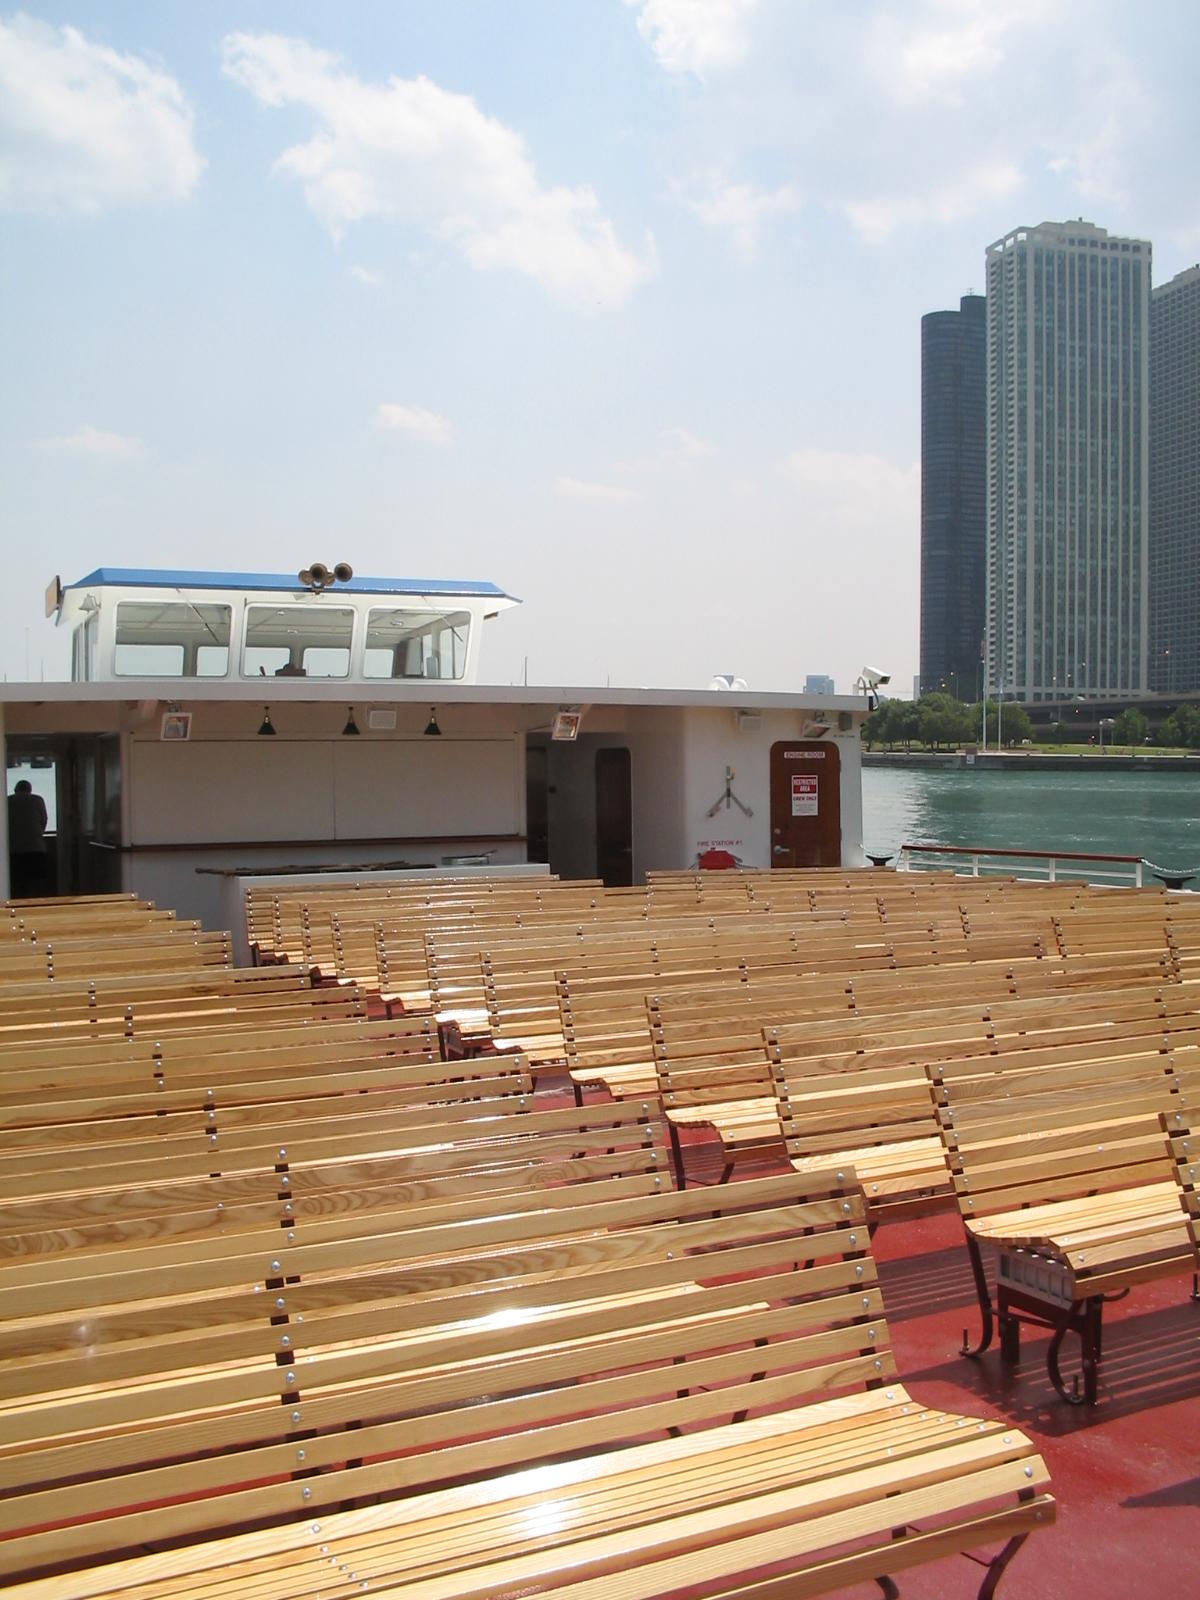 shoreline-deck-view